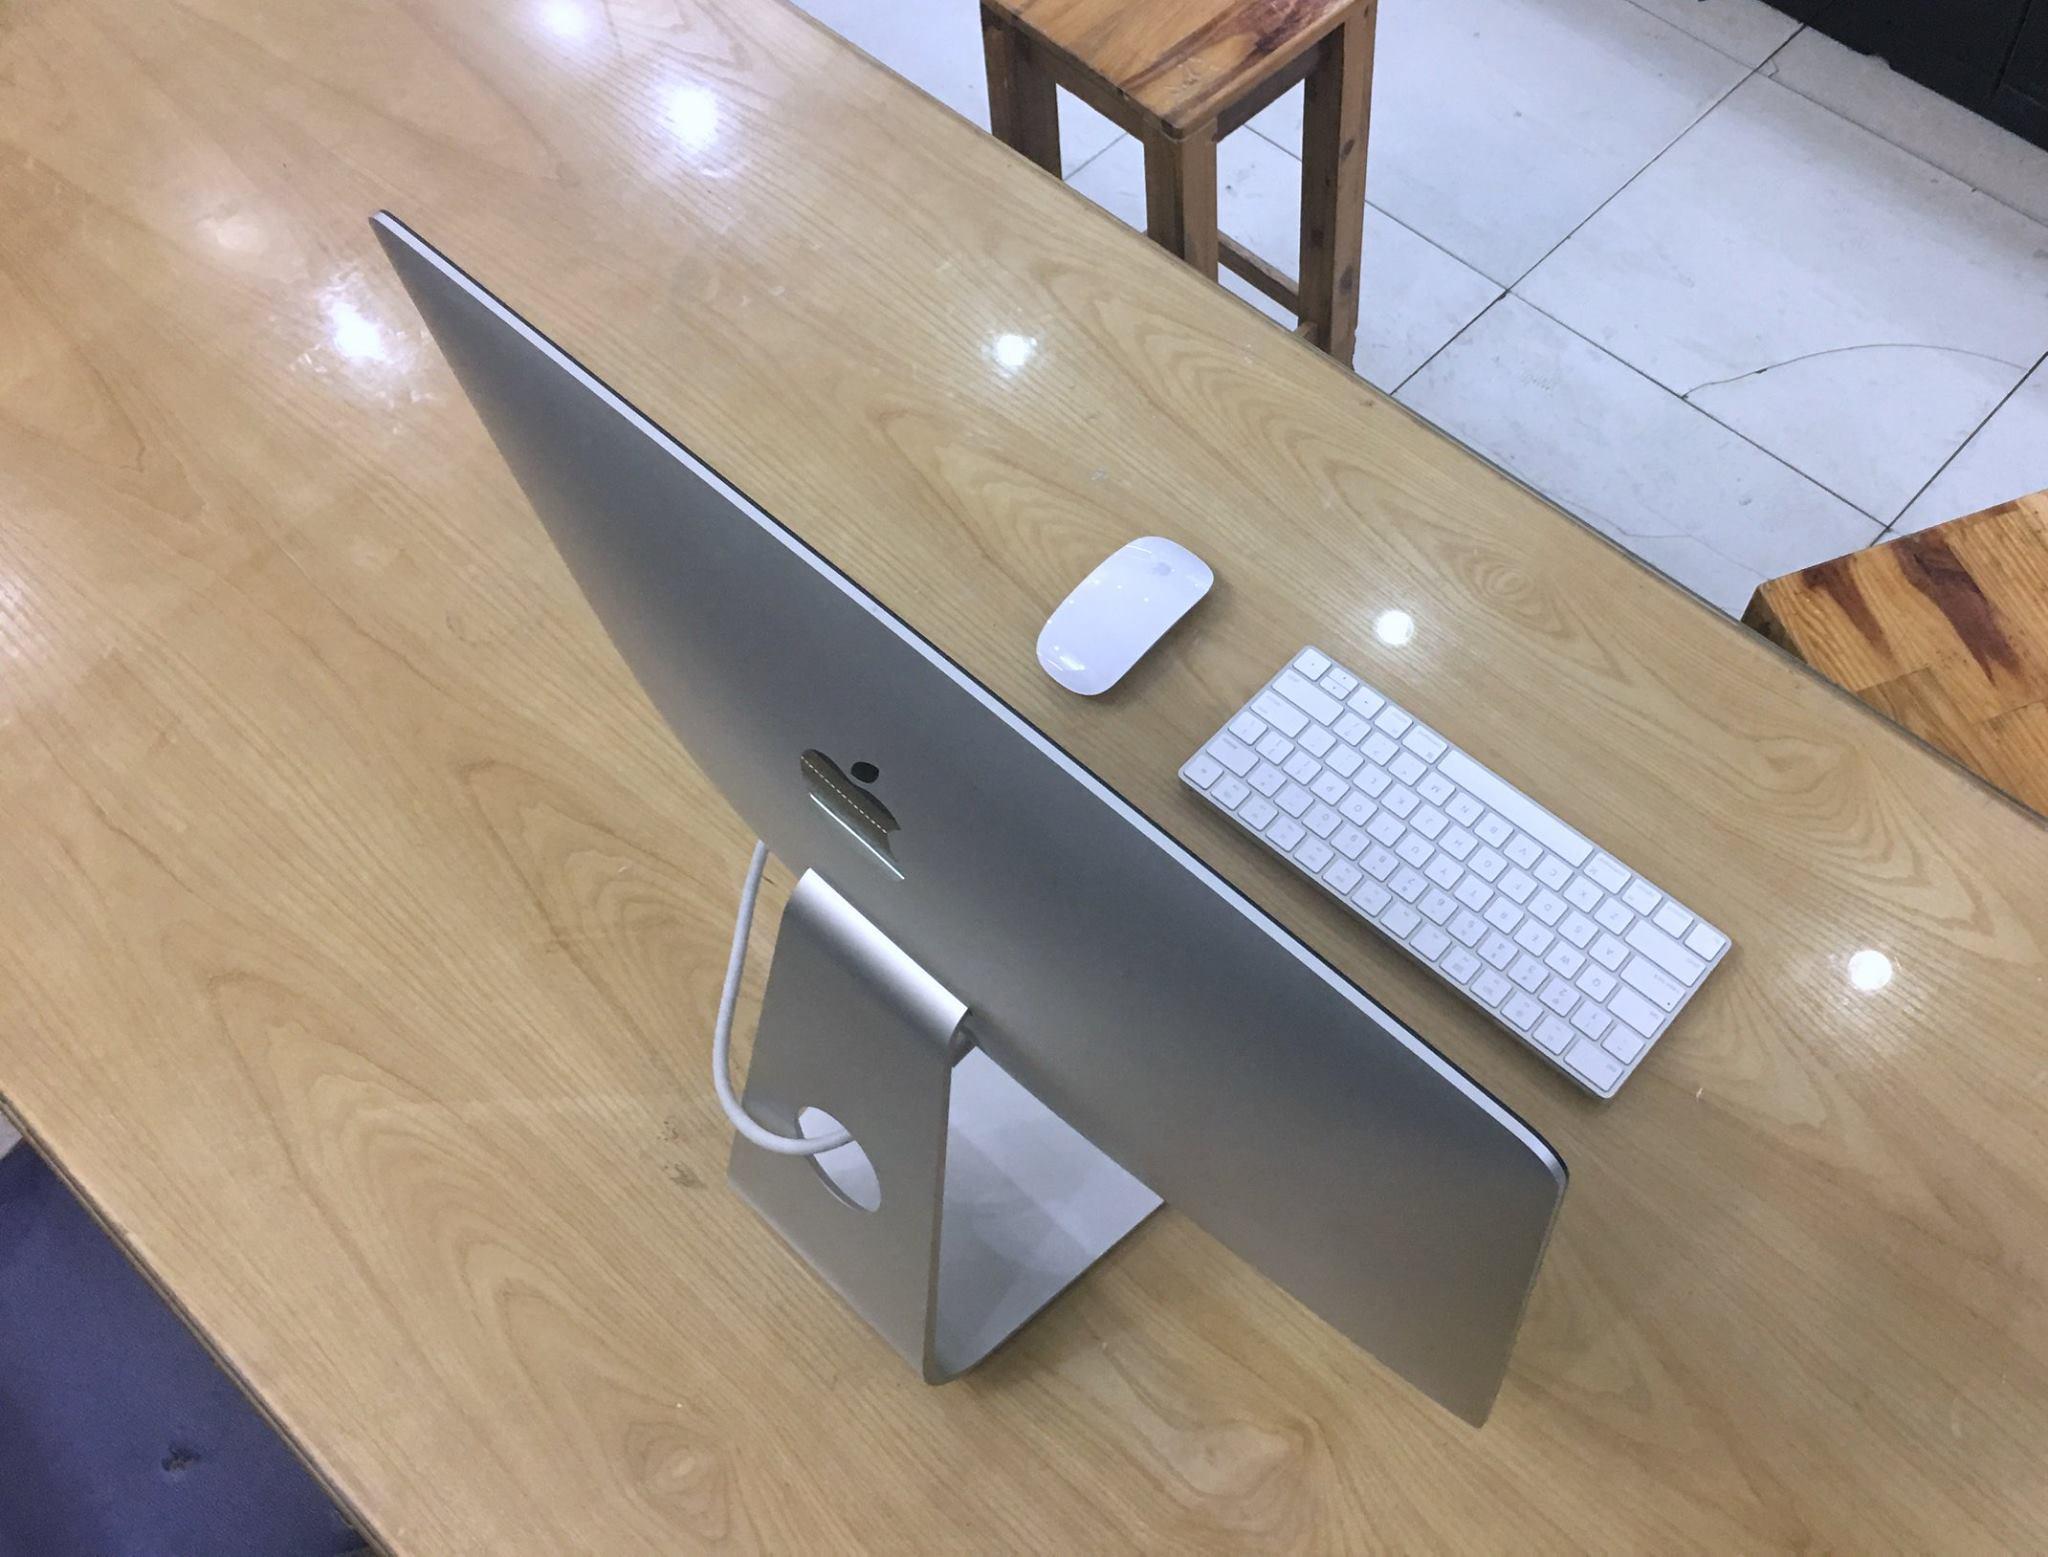 iMac MK452 21,5-7.jpg